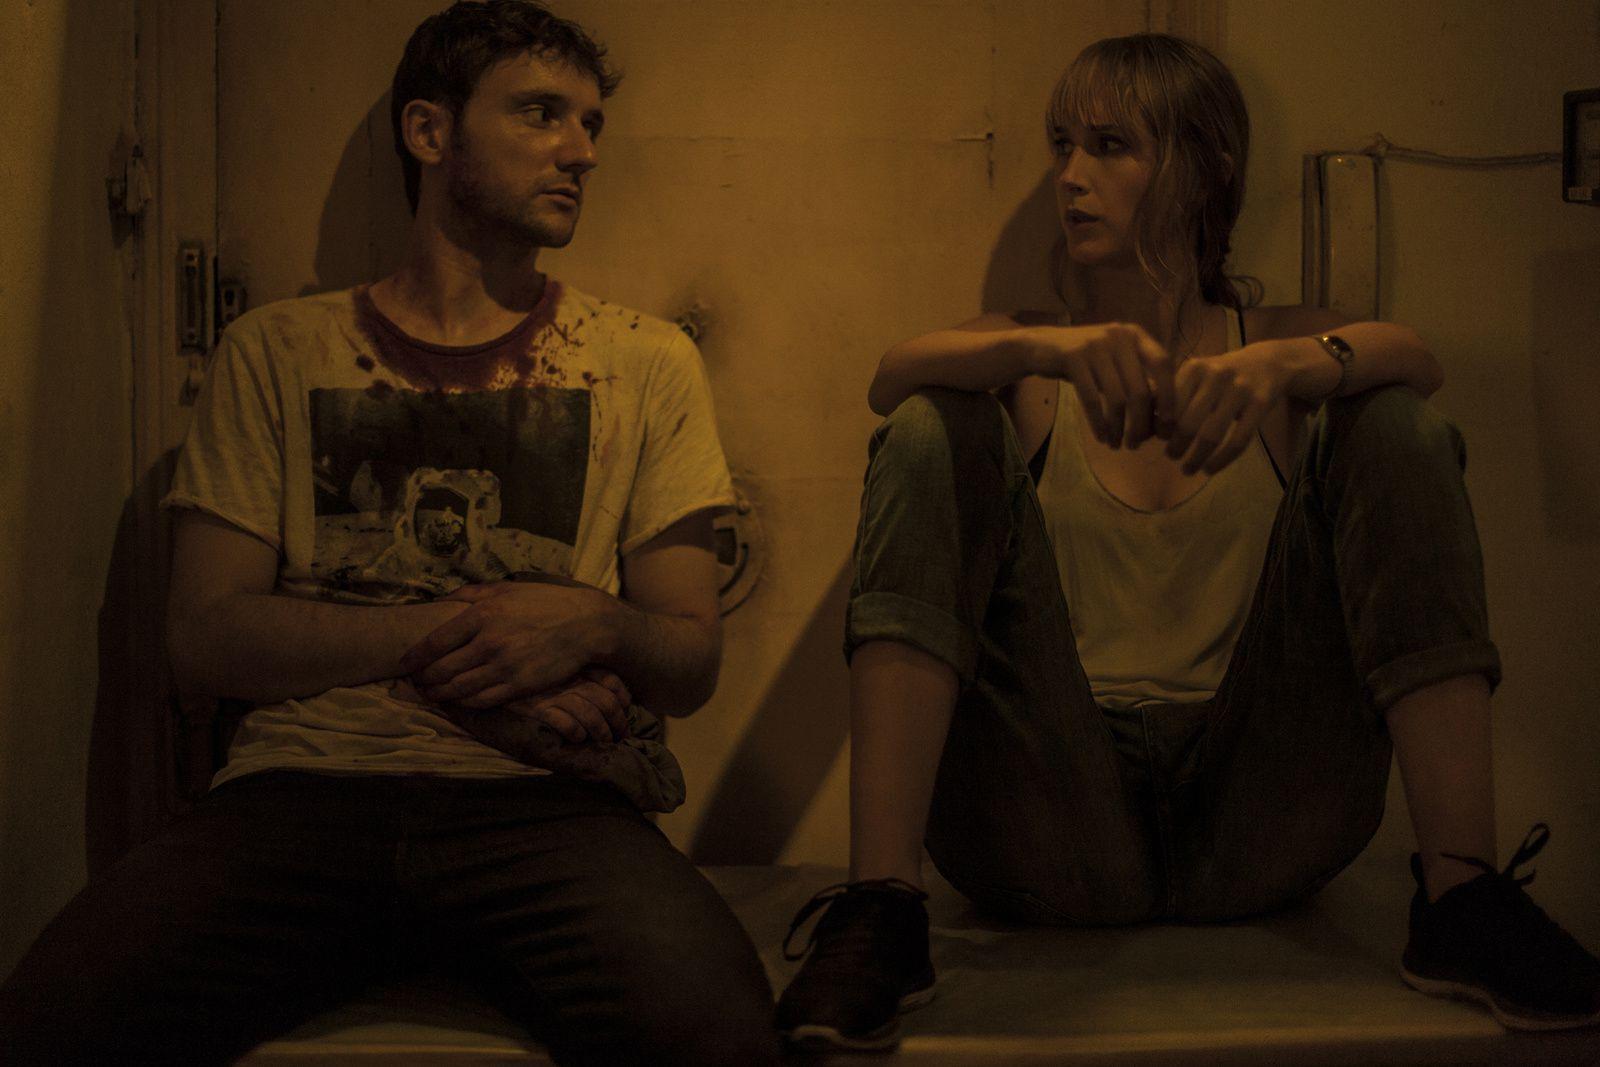 SWEET HOME (BANDE ANNONCE VOST + 1 EXTRAIT) avec Ingrid Garcia Jonsson, Bruno Seville - En DVD et Blu-Ray le 27 Juillet 2016